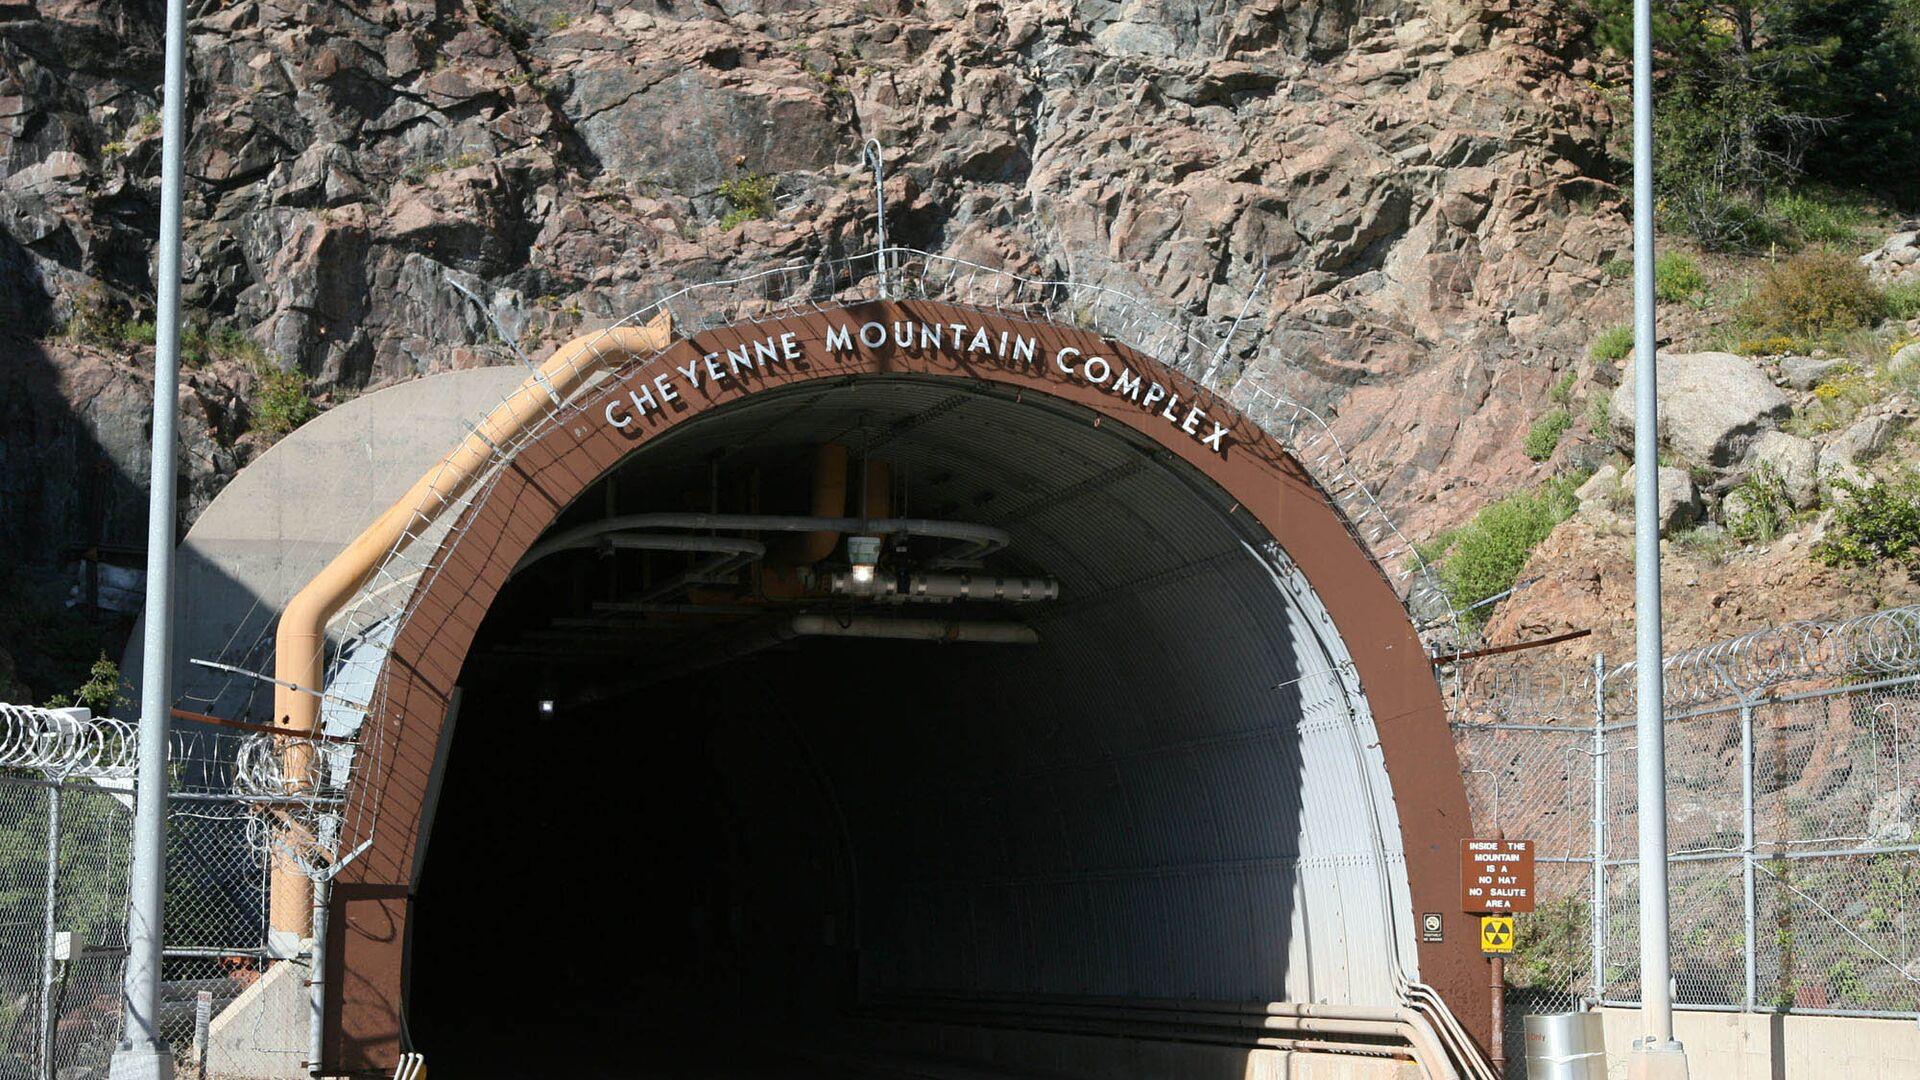 Подземный комплекс NORAD в горе Шайенн, Колорадо - РИА Новости, 1920, 17.06.2018